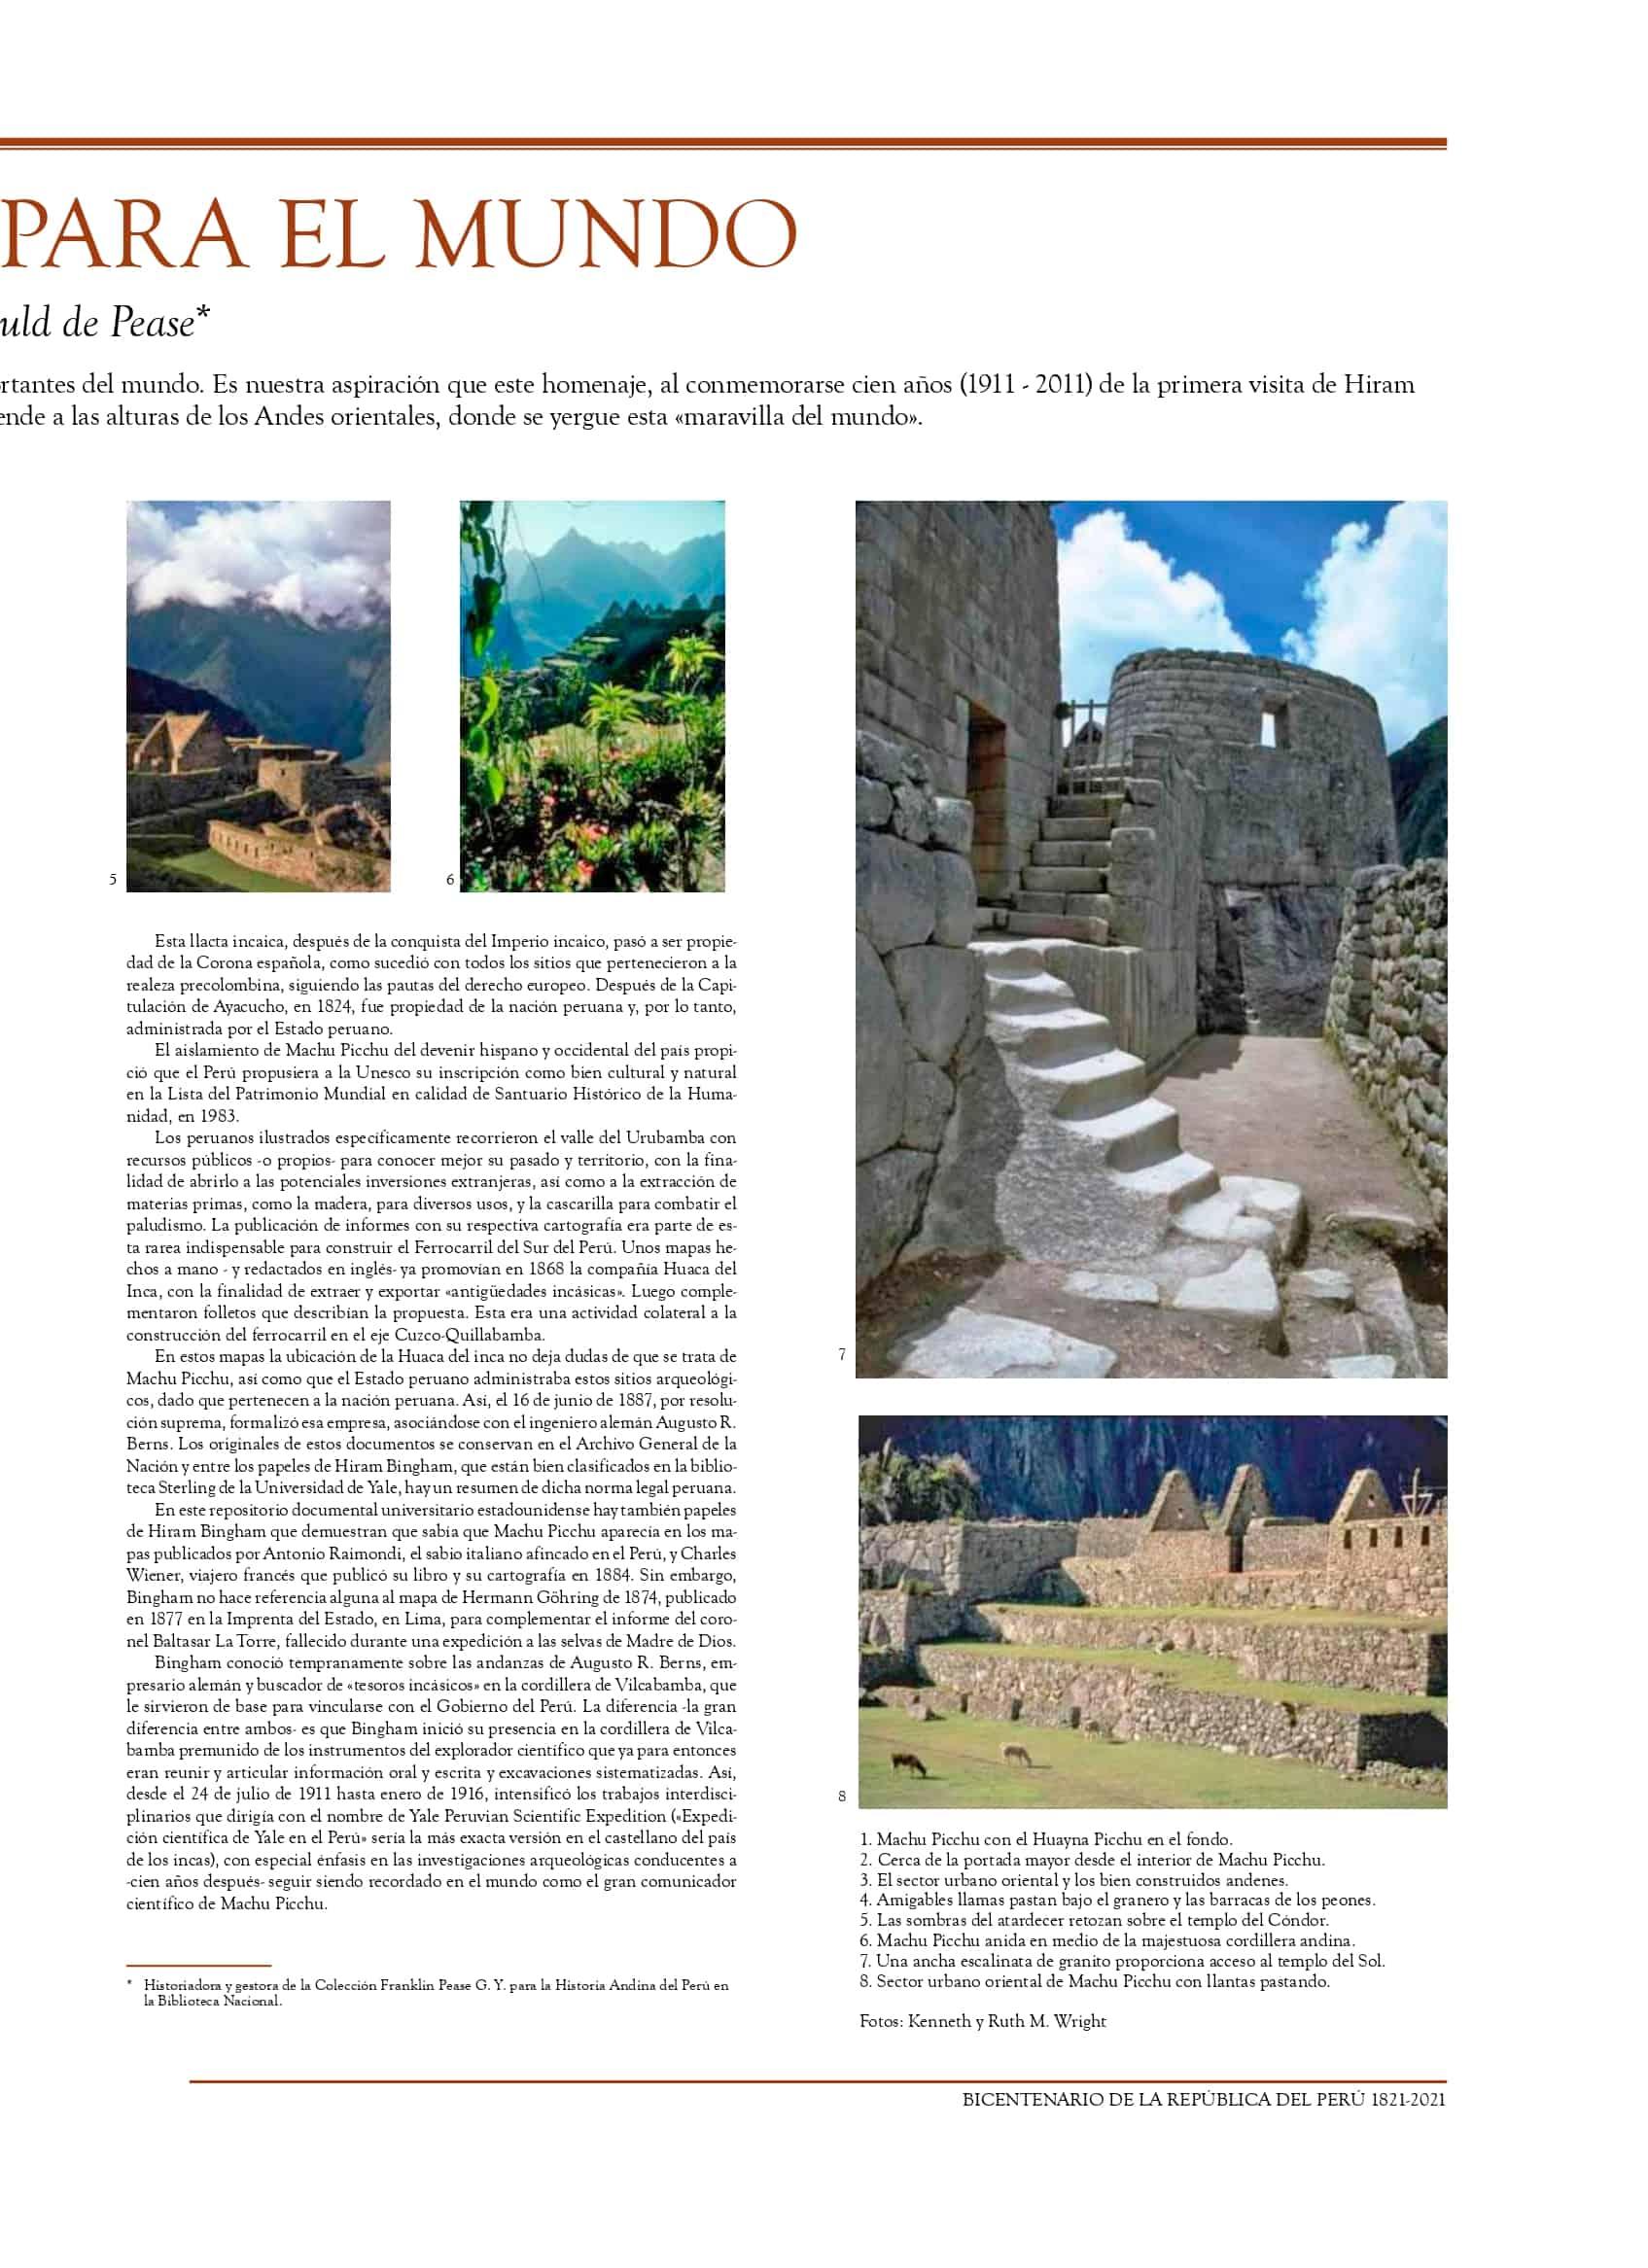 REVISTA Bicentenario Perú 1821 - 2021_page-0021